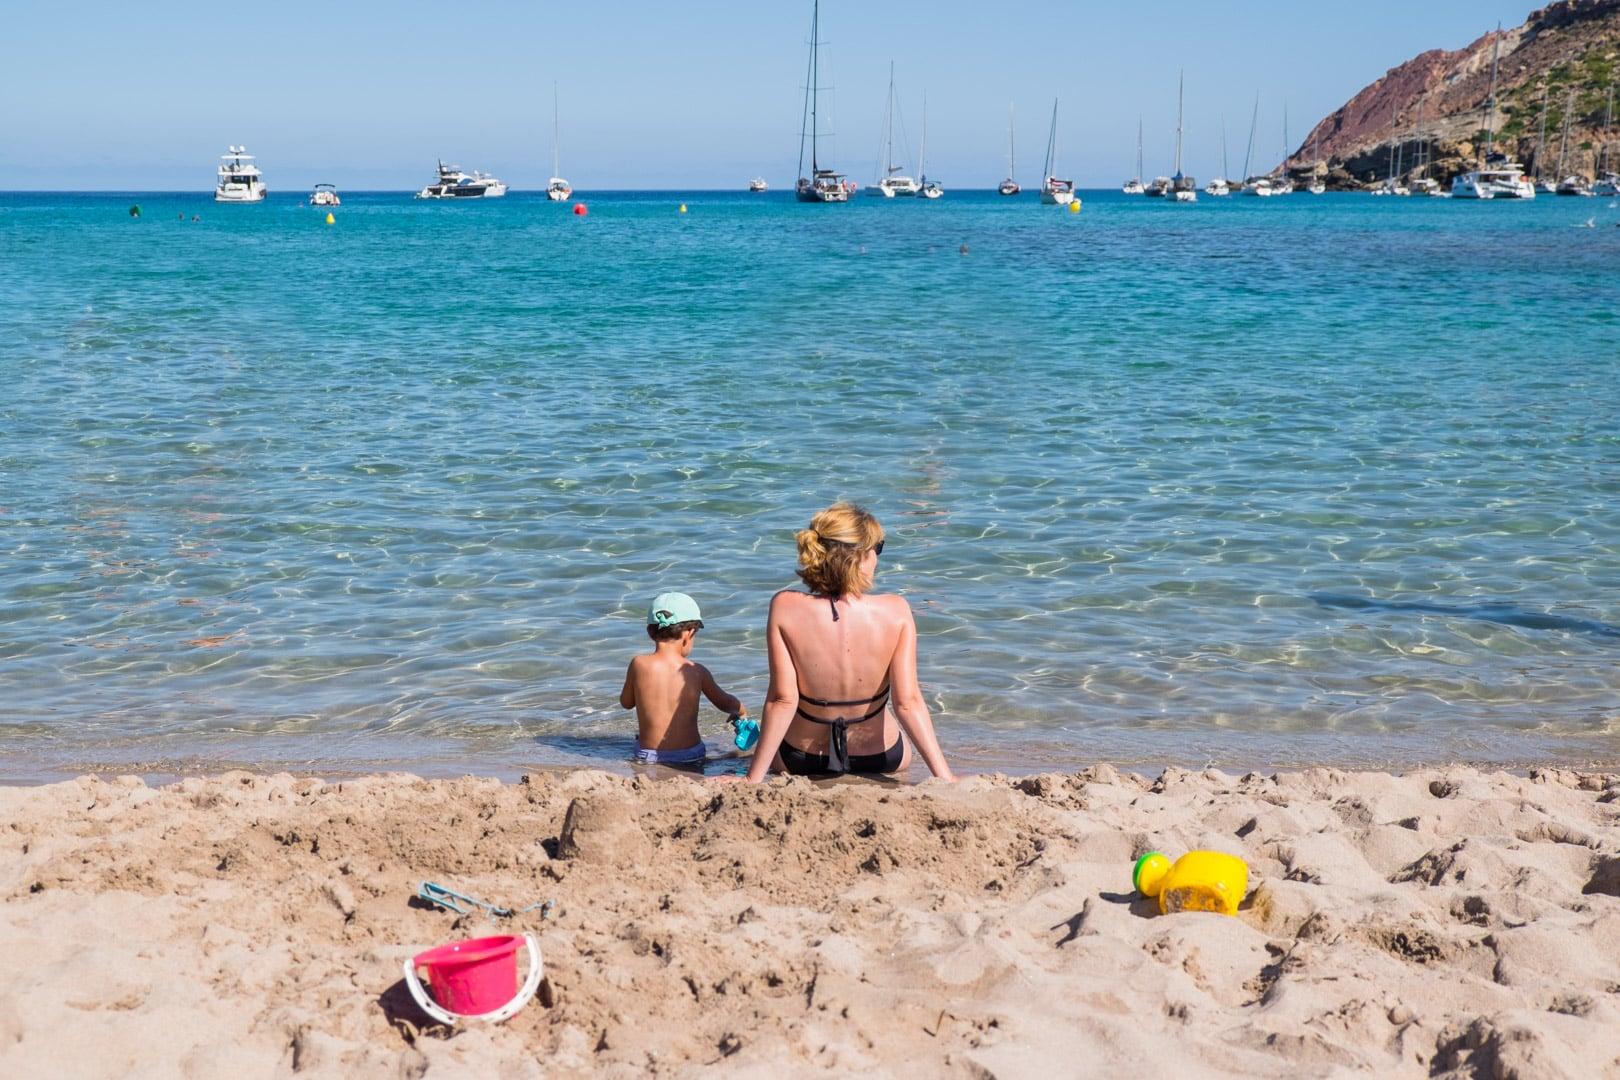 viajar con niños este verano a menorca